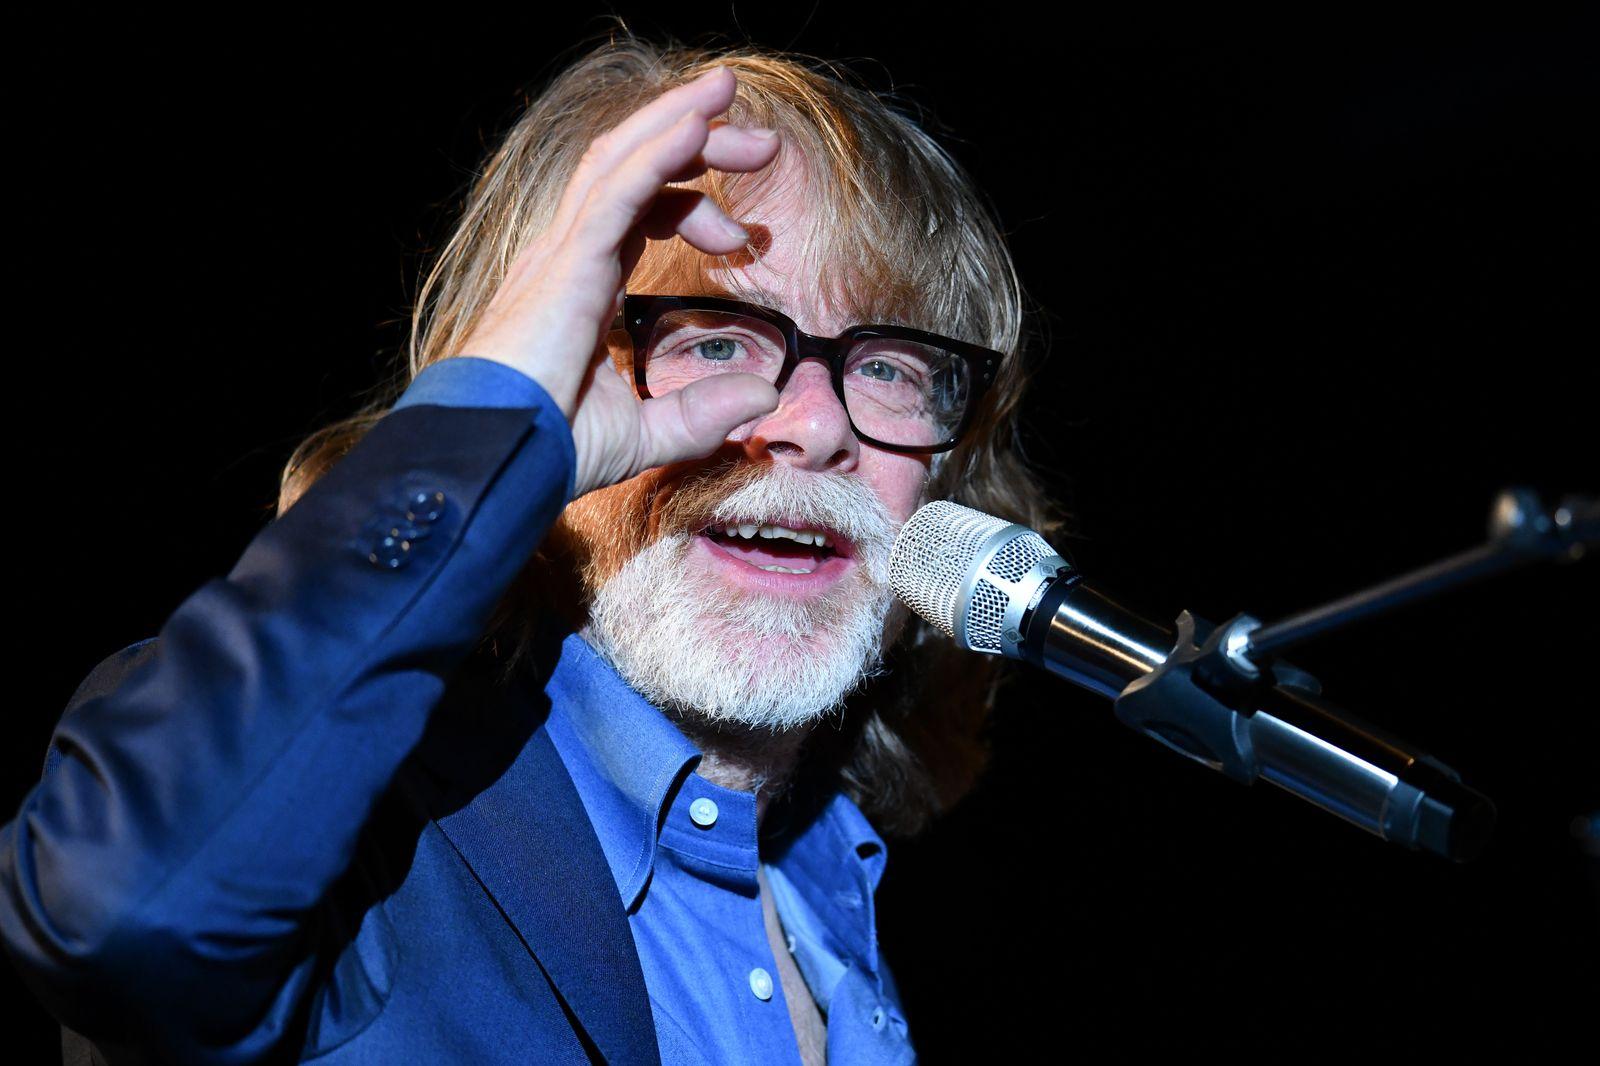 """Helge Schneider - """"Ene Mene Mopel"""" Tour"""